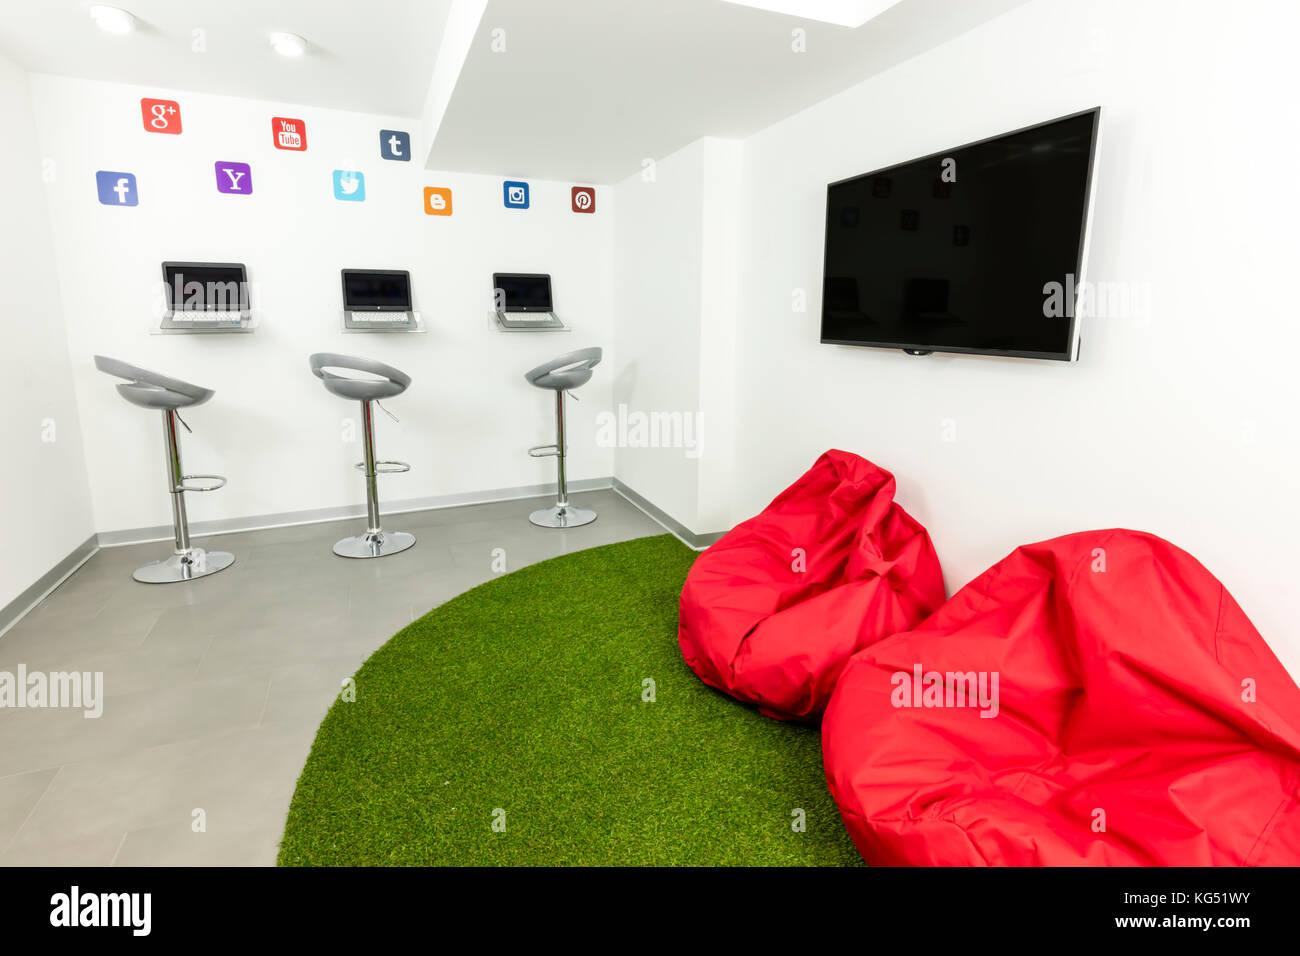 Moderno, in attesa o salotto; i laptop, tv e beanbags in background. Immagini Stock